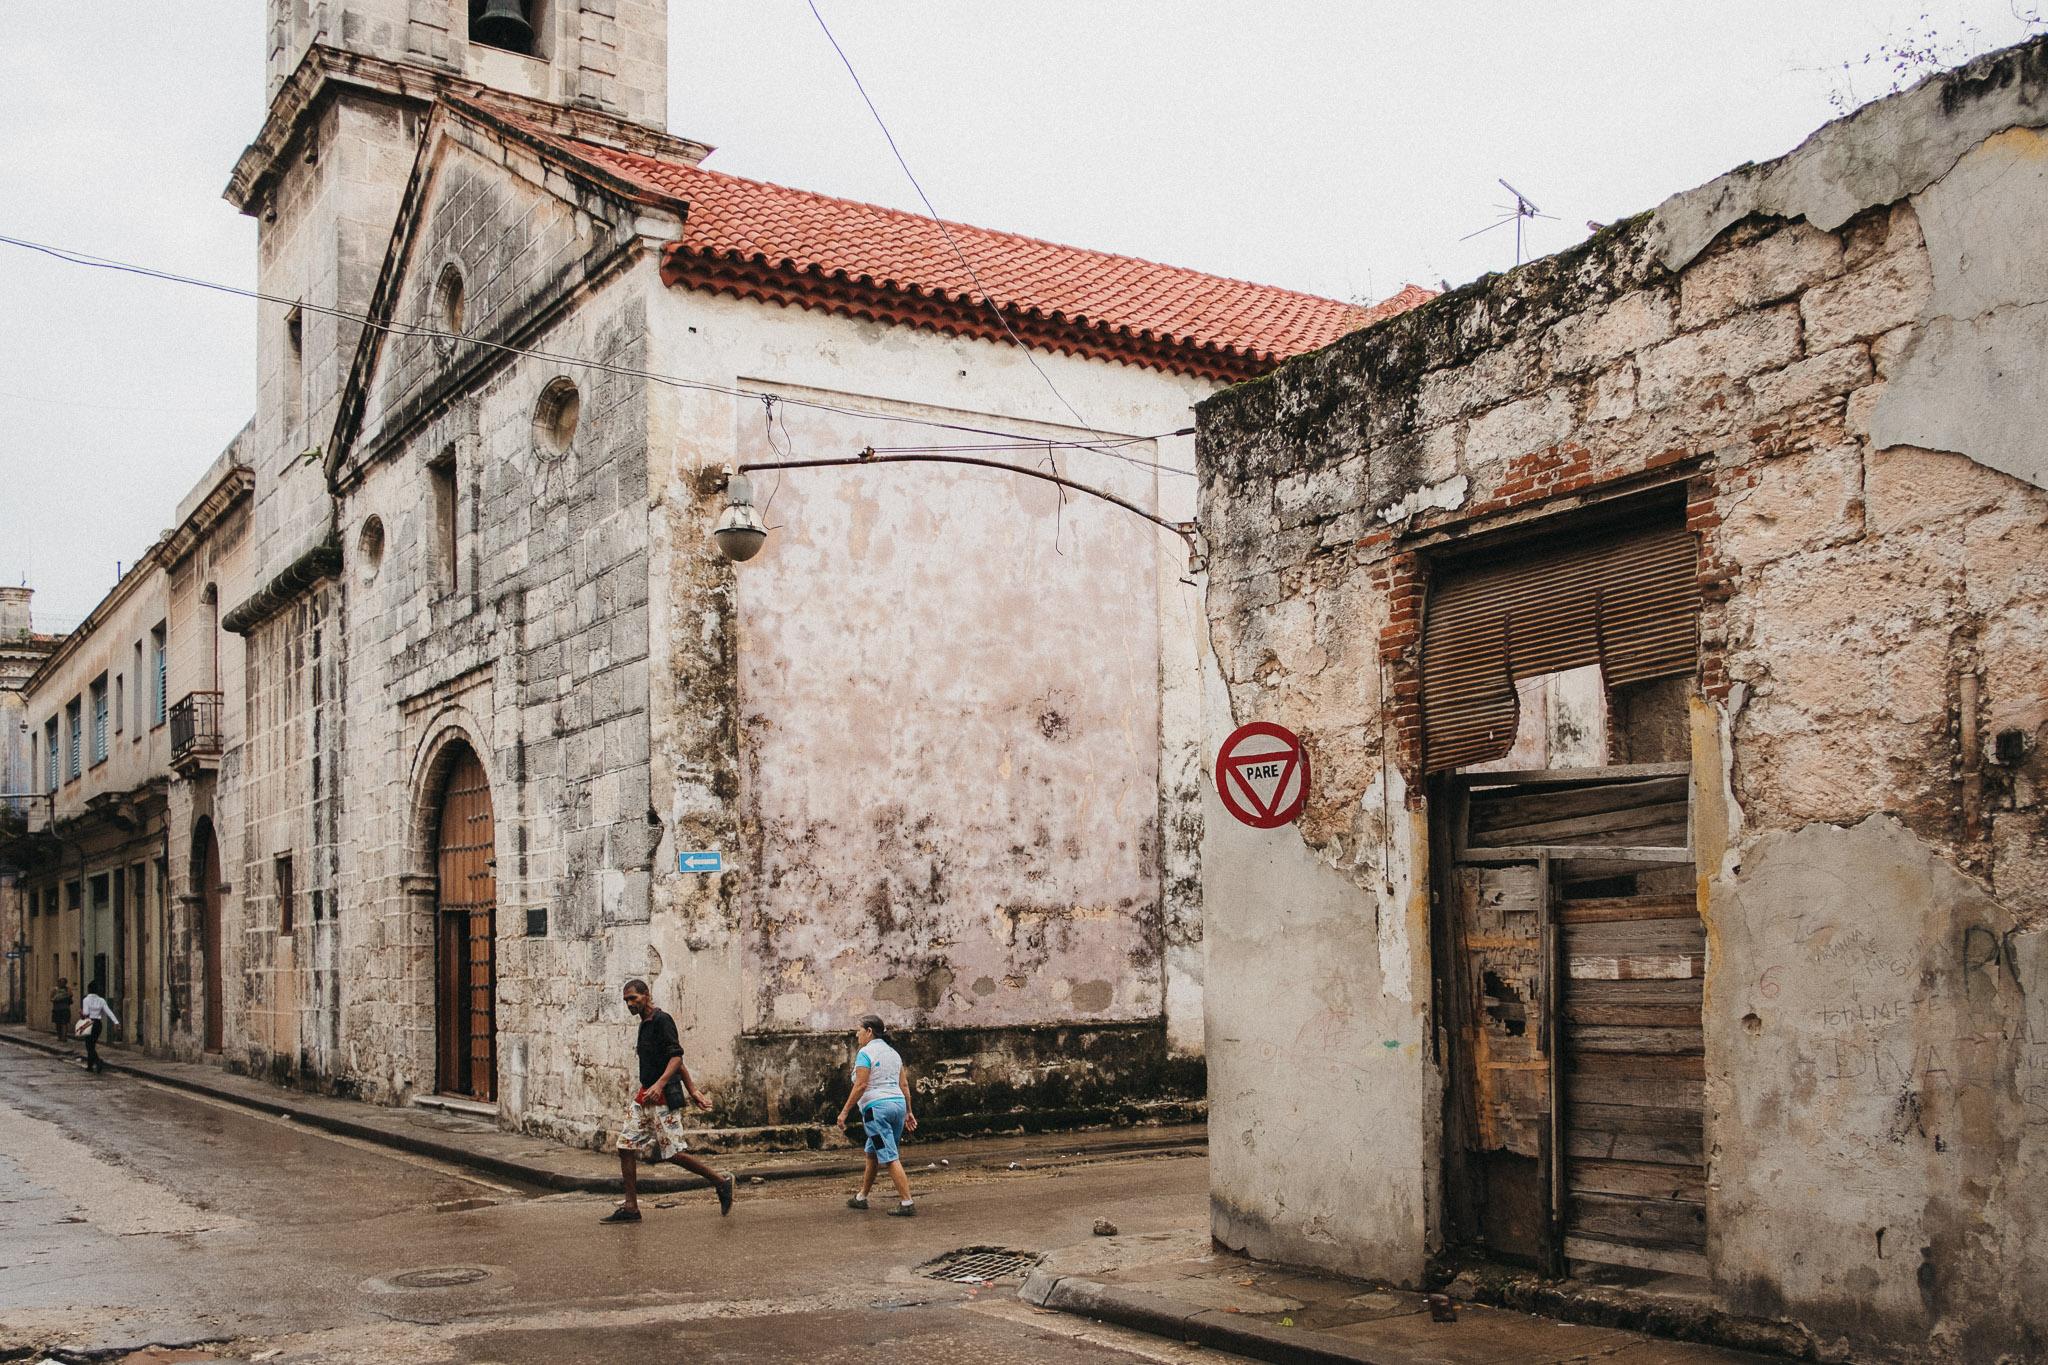 Cuba-2017-12-Havana-0099.jpg